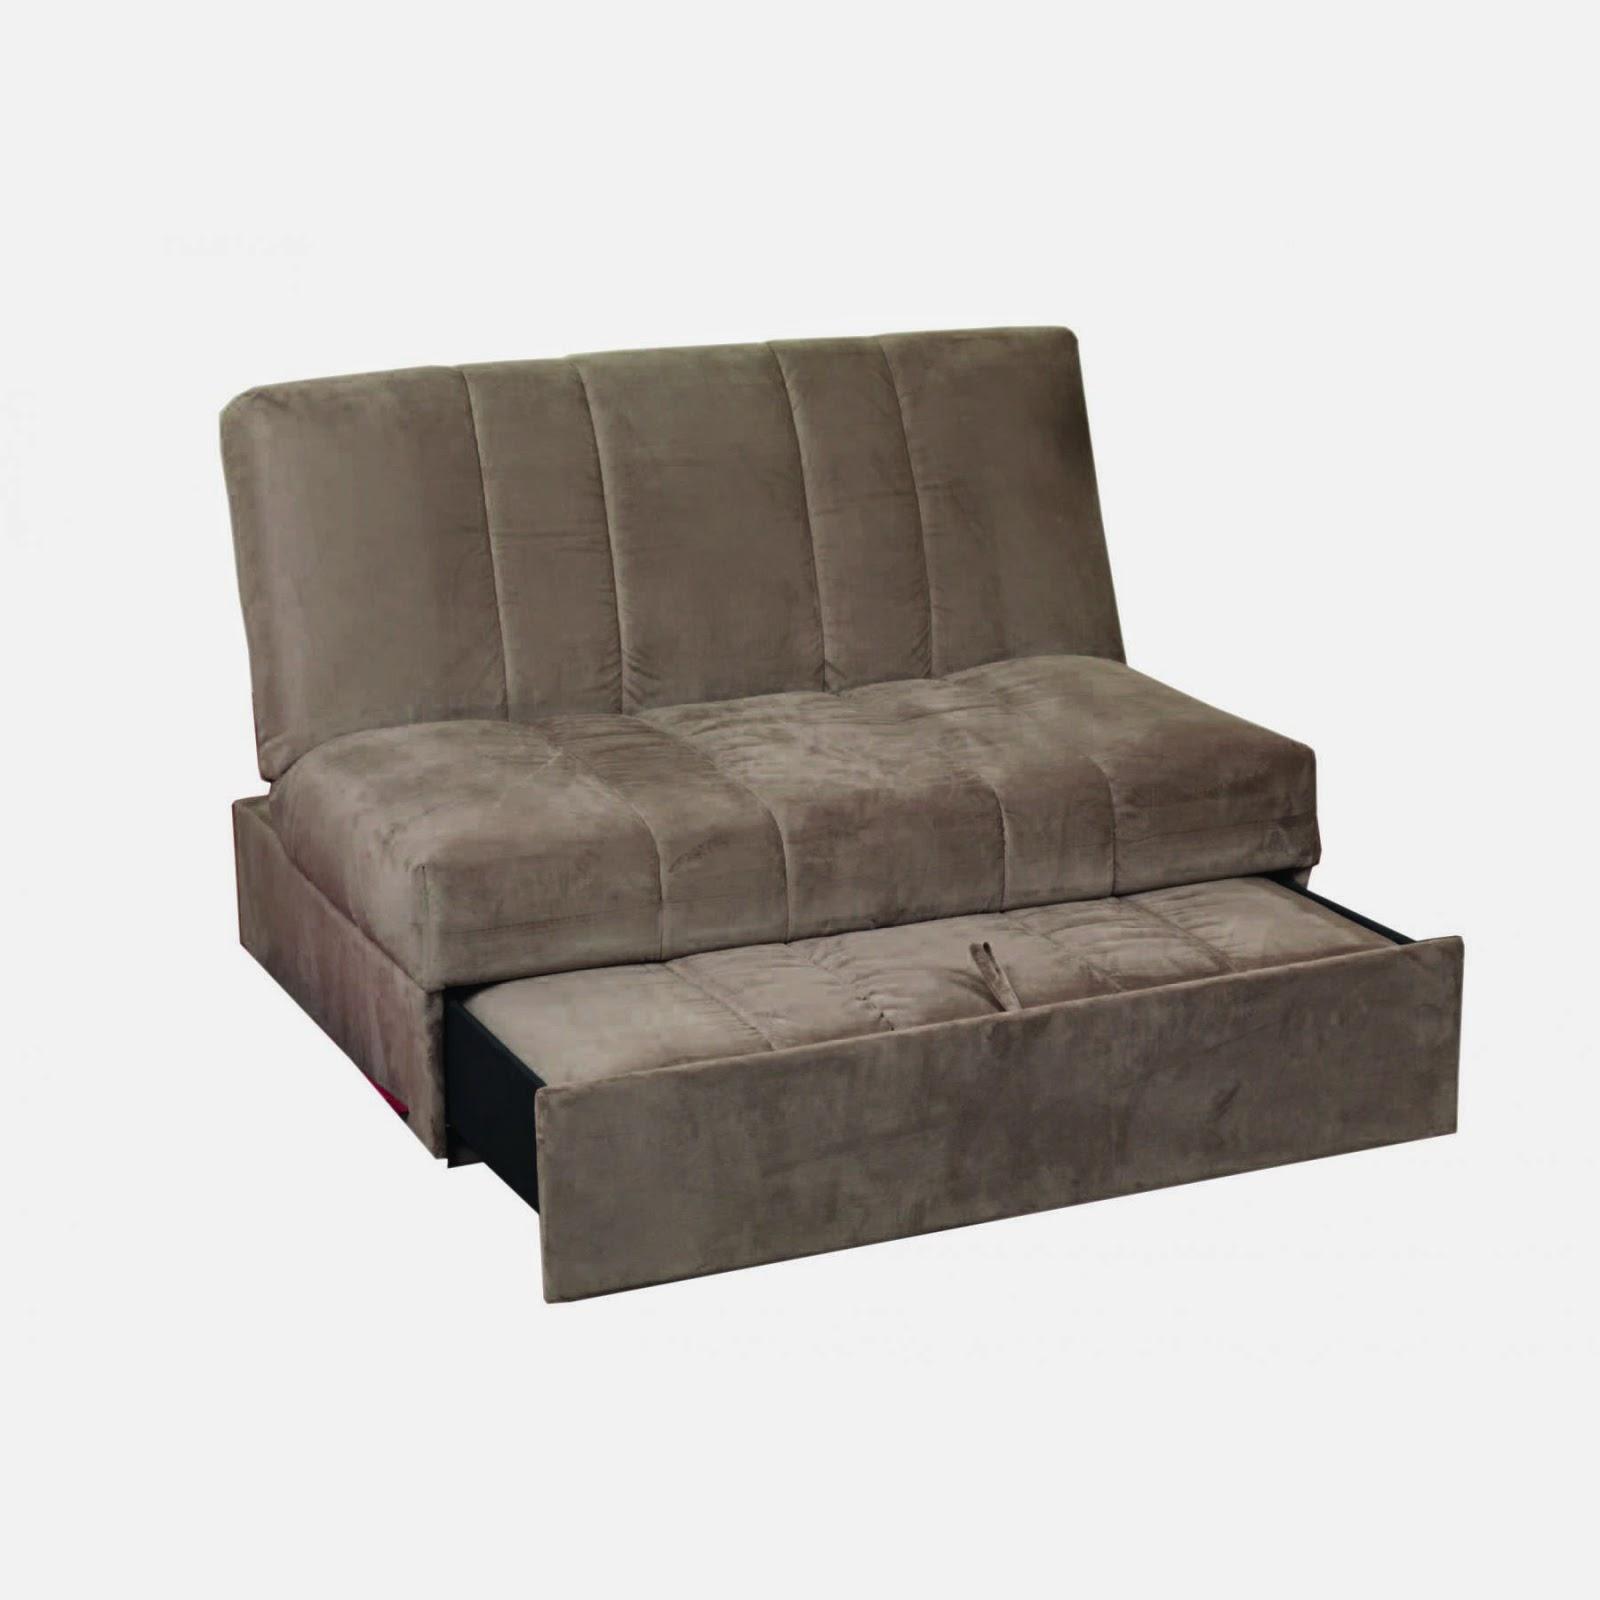 Jual sofa bed murah paling keren bahan jati di bandung for Sofa bed jual